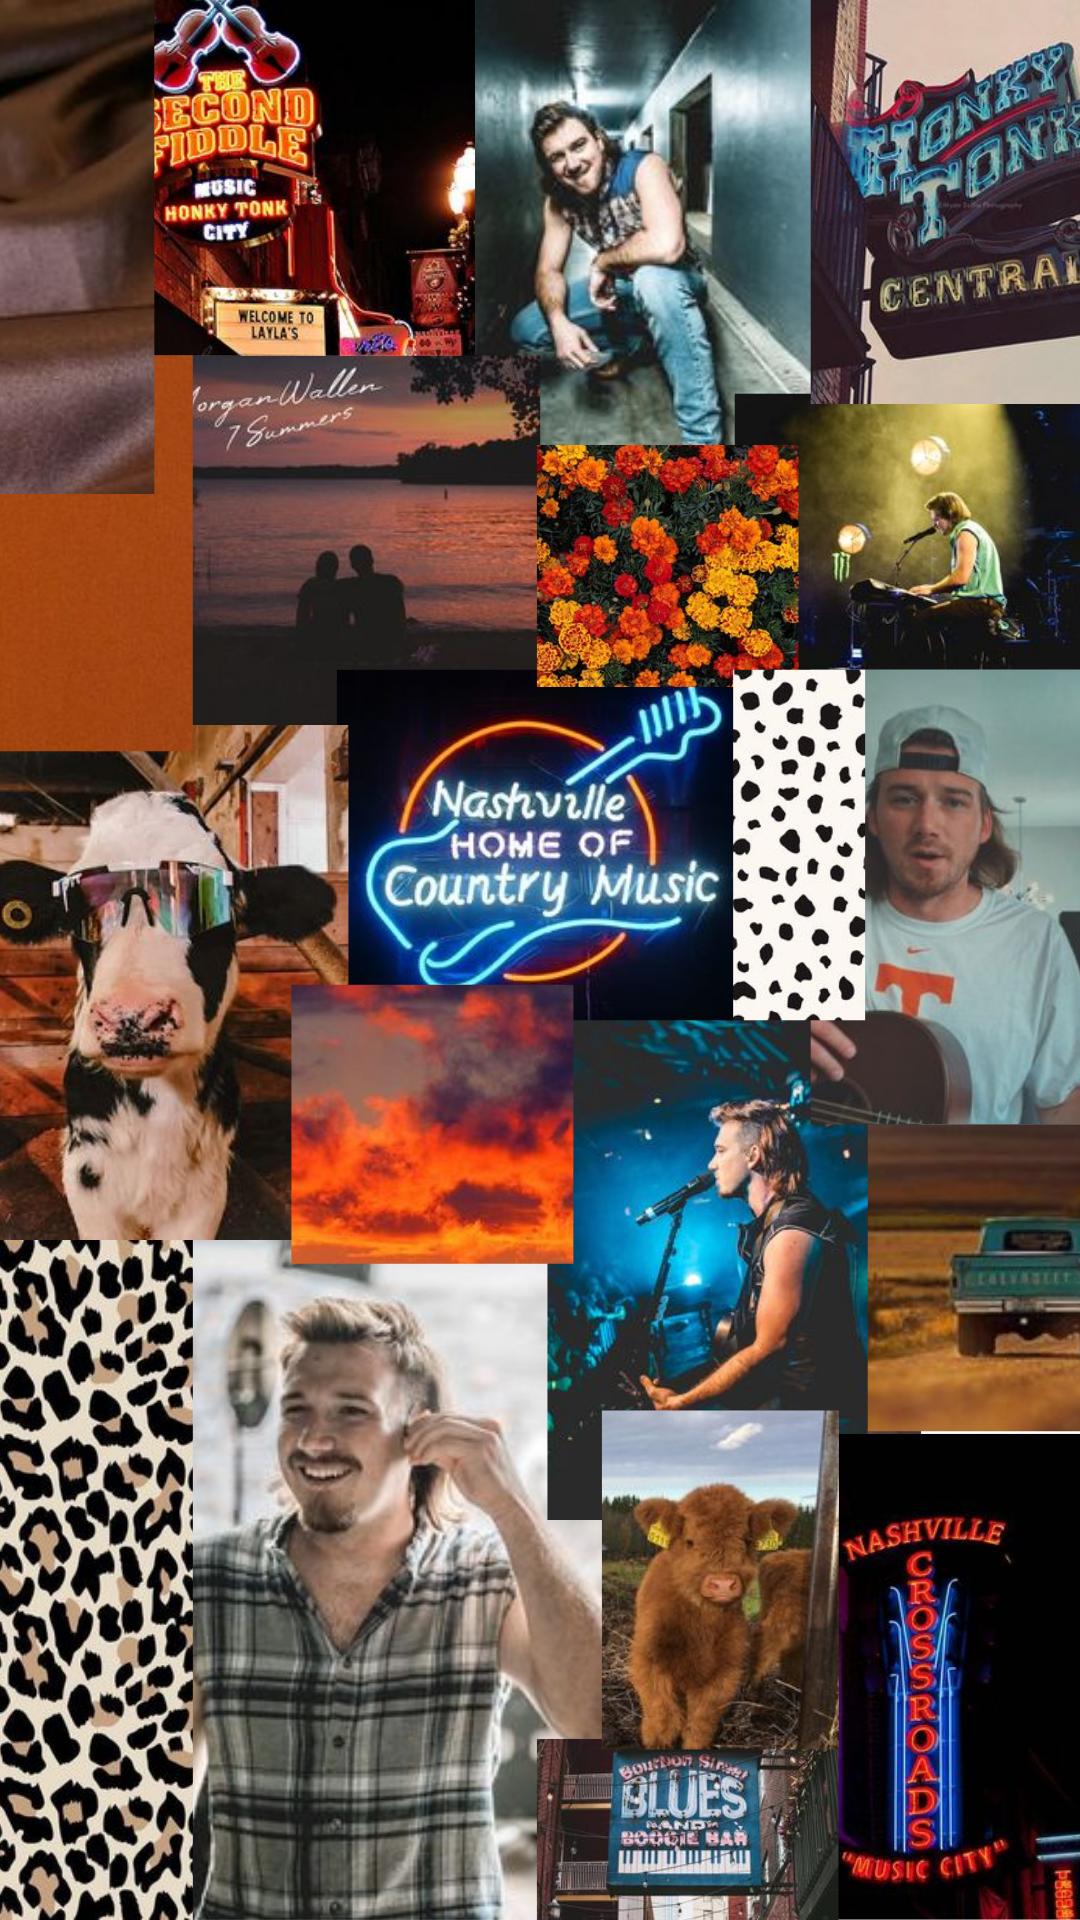 morgan wallen iphone wallpaper